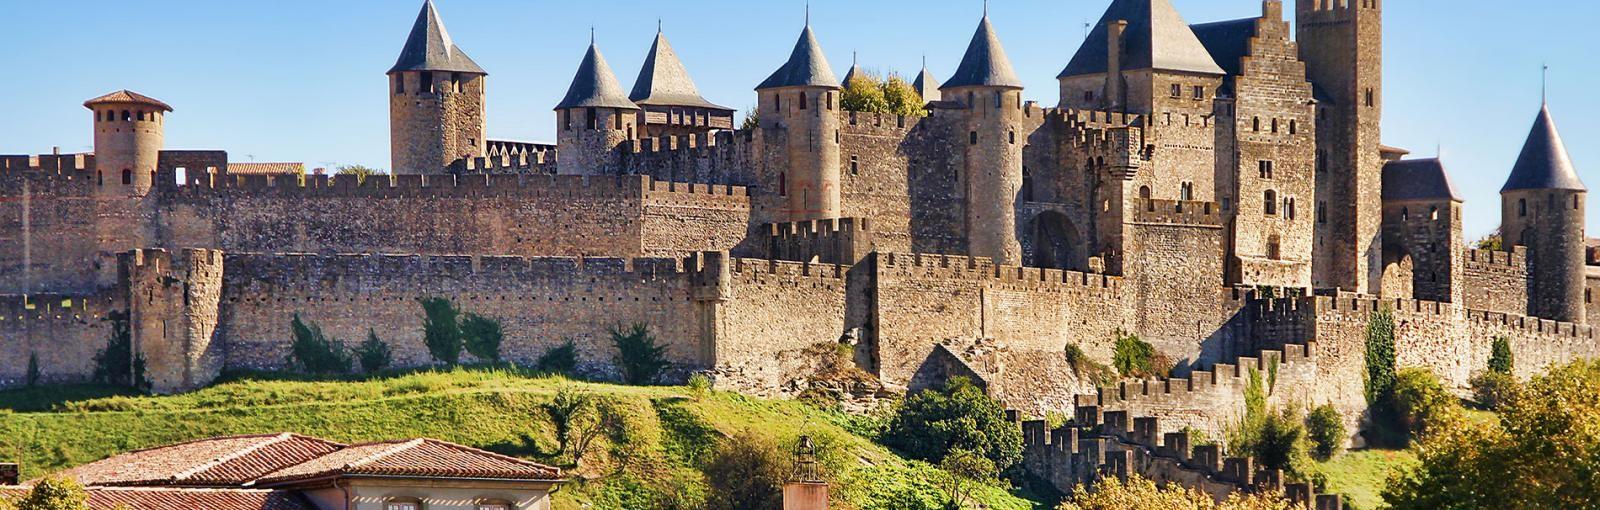 Tours Une semaine en Languedoc-Roussillon - Séjours - Nos Séjours et Circuits Privés - En famille ou groupes d'amis